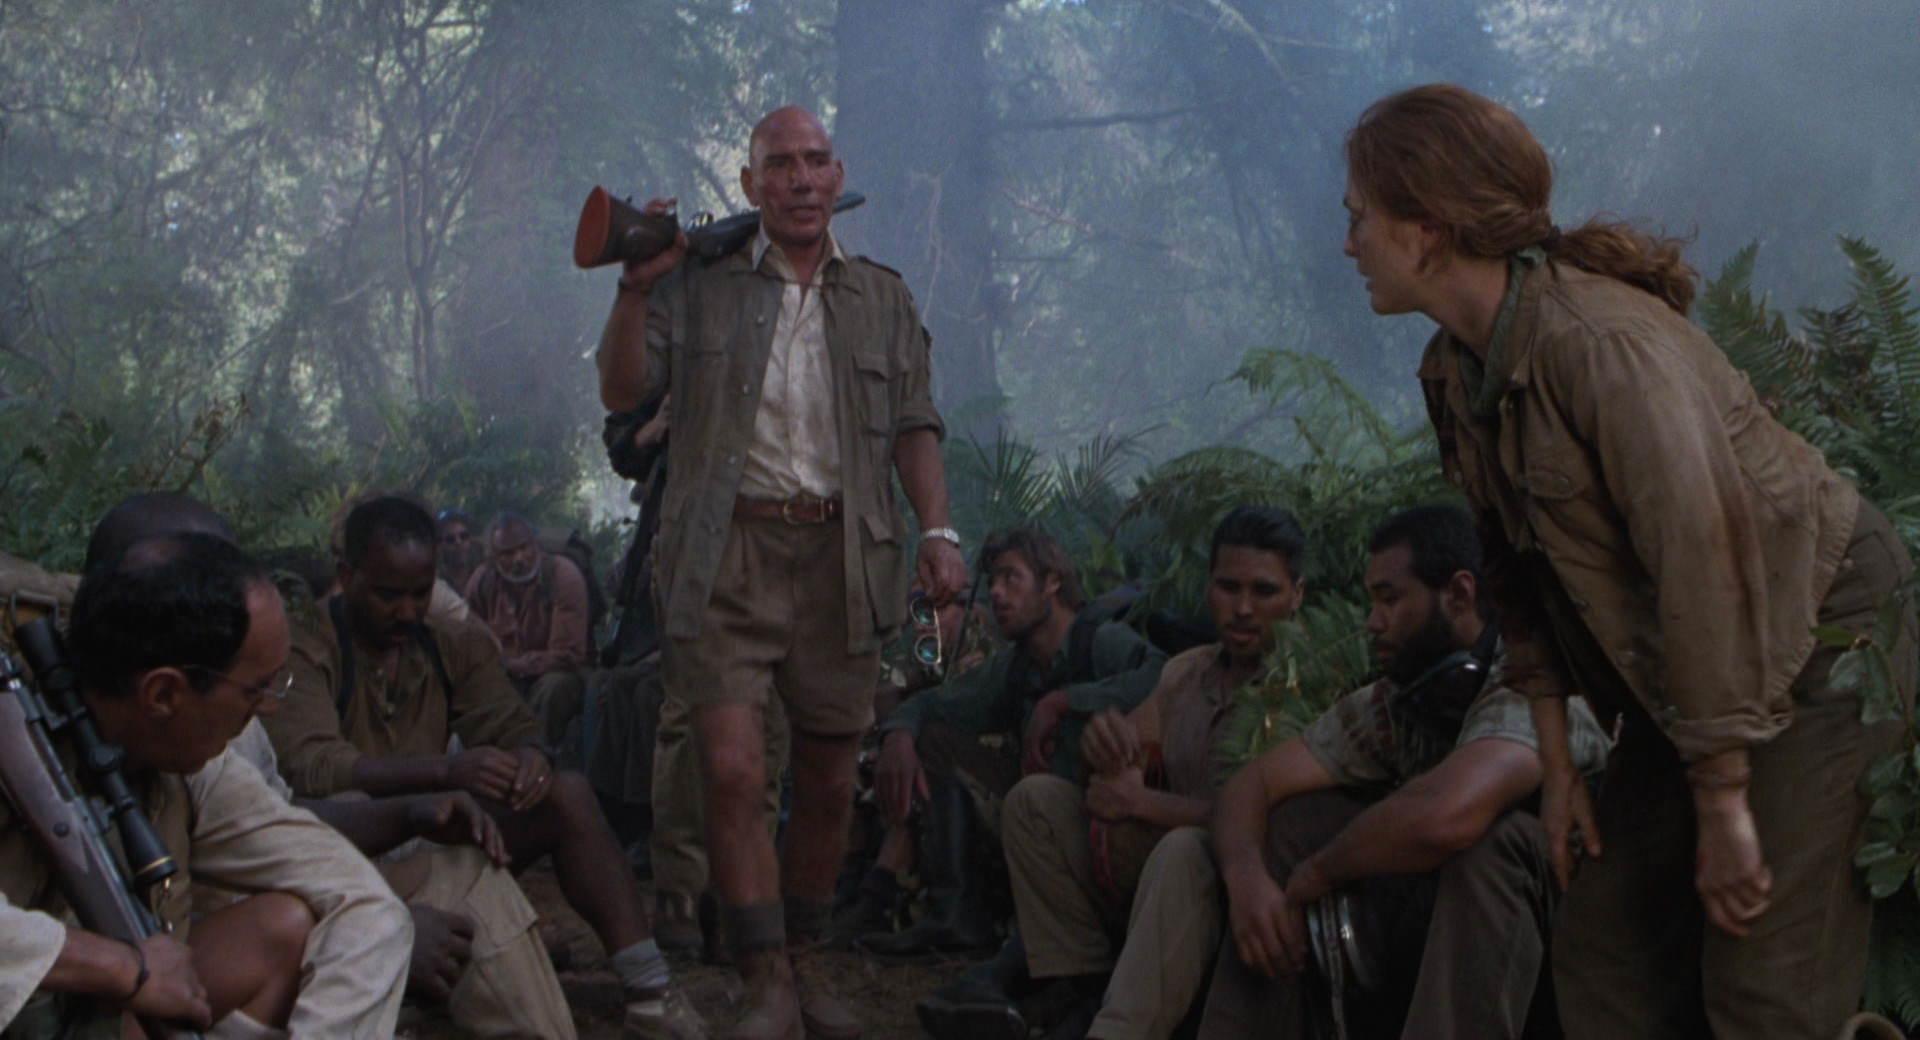 The Lost World Jurassic Park Screencaps are here Jurassic-lost-world-movie-screencaps.com-9307